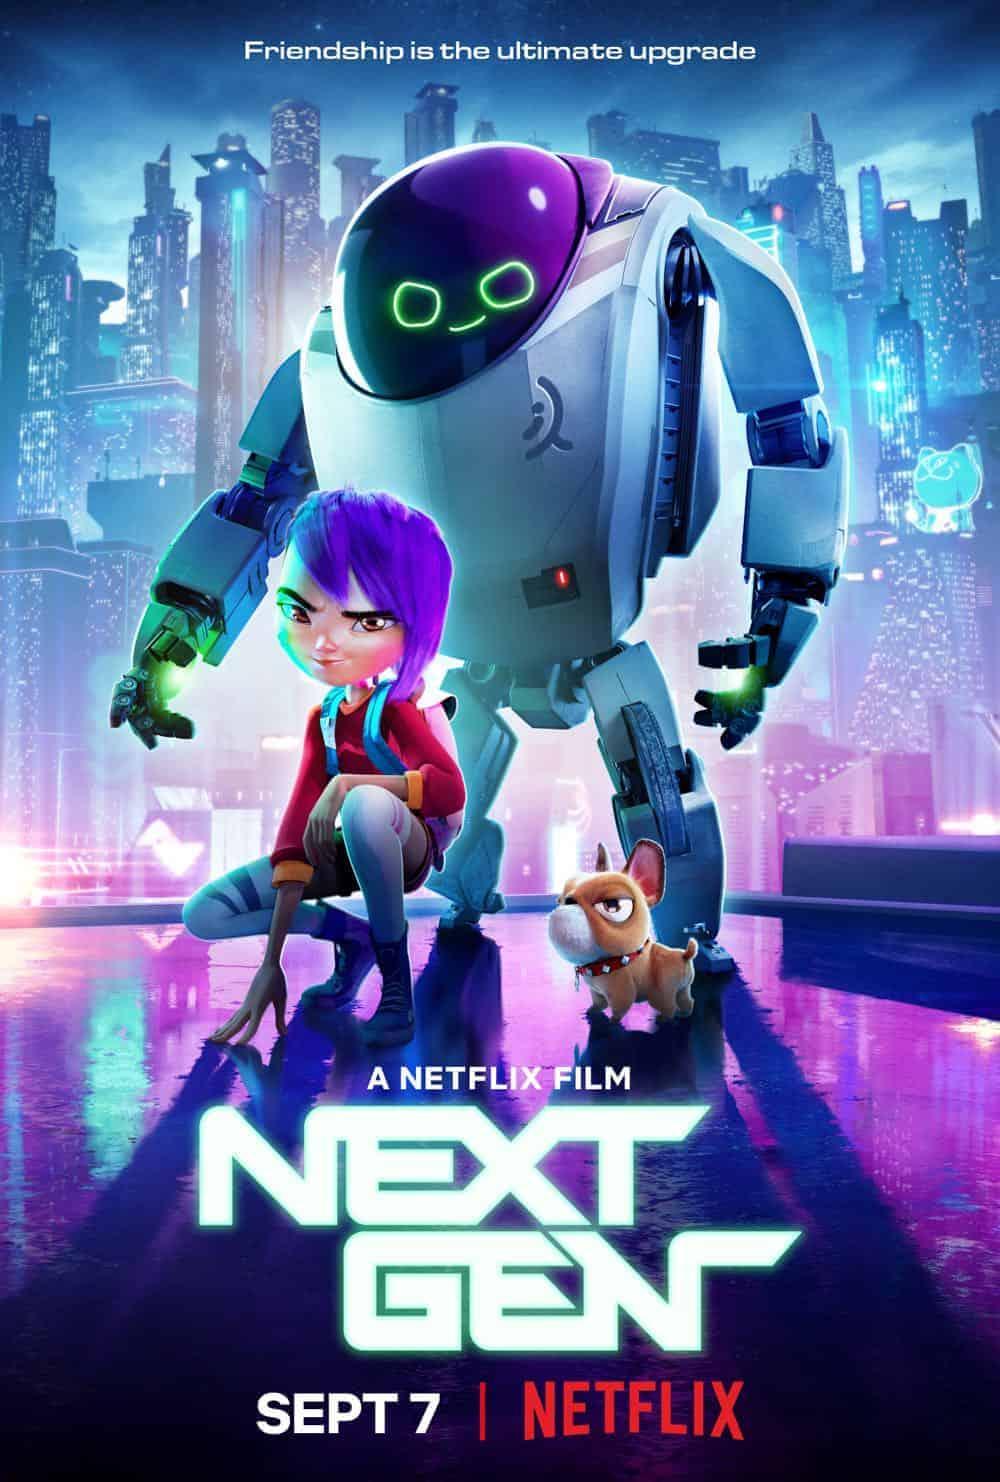 Next-Gen-Poster-Key-Art